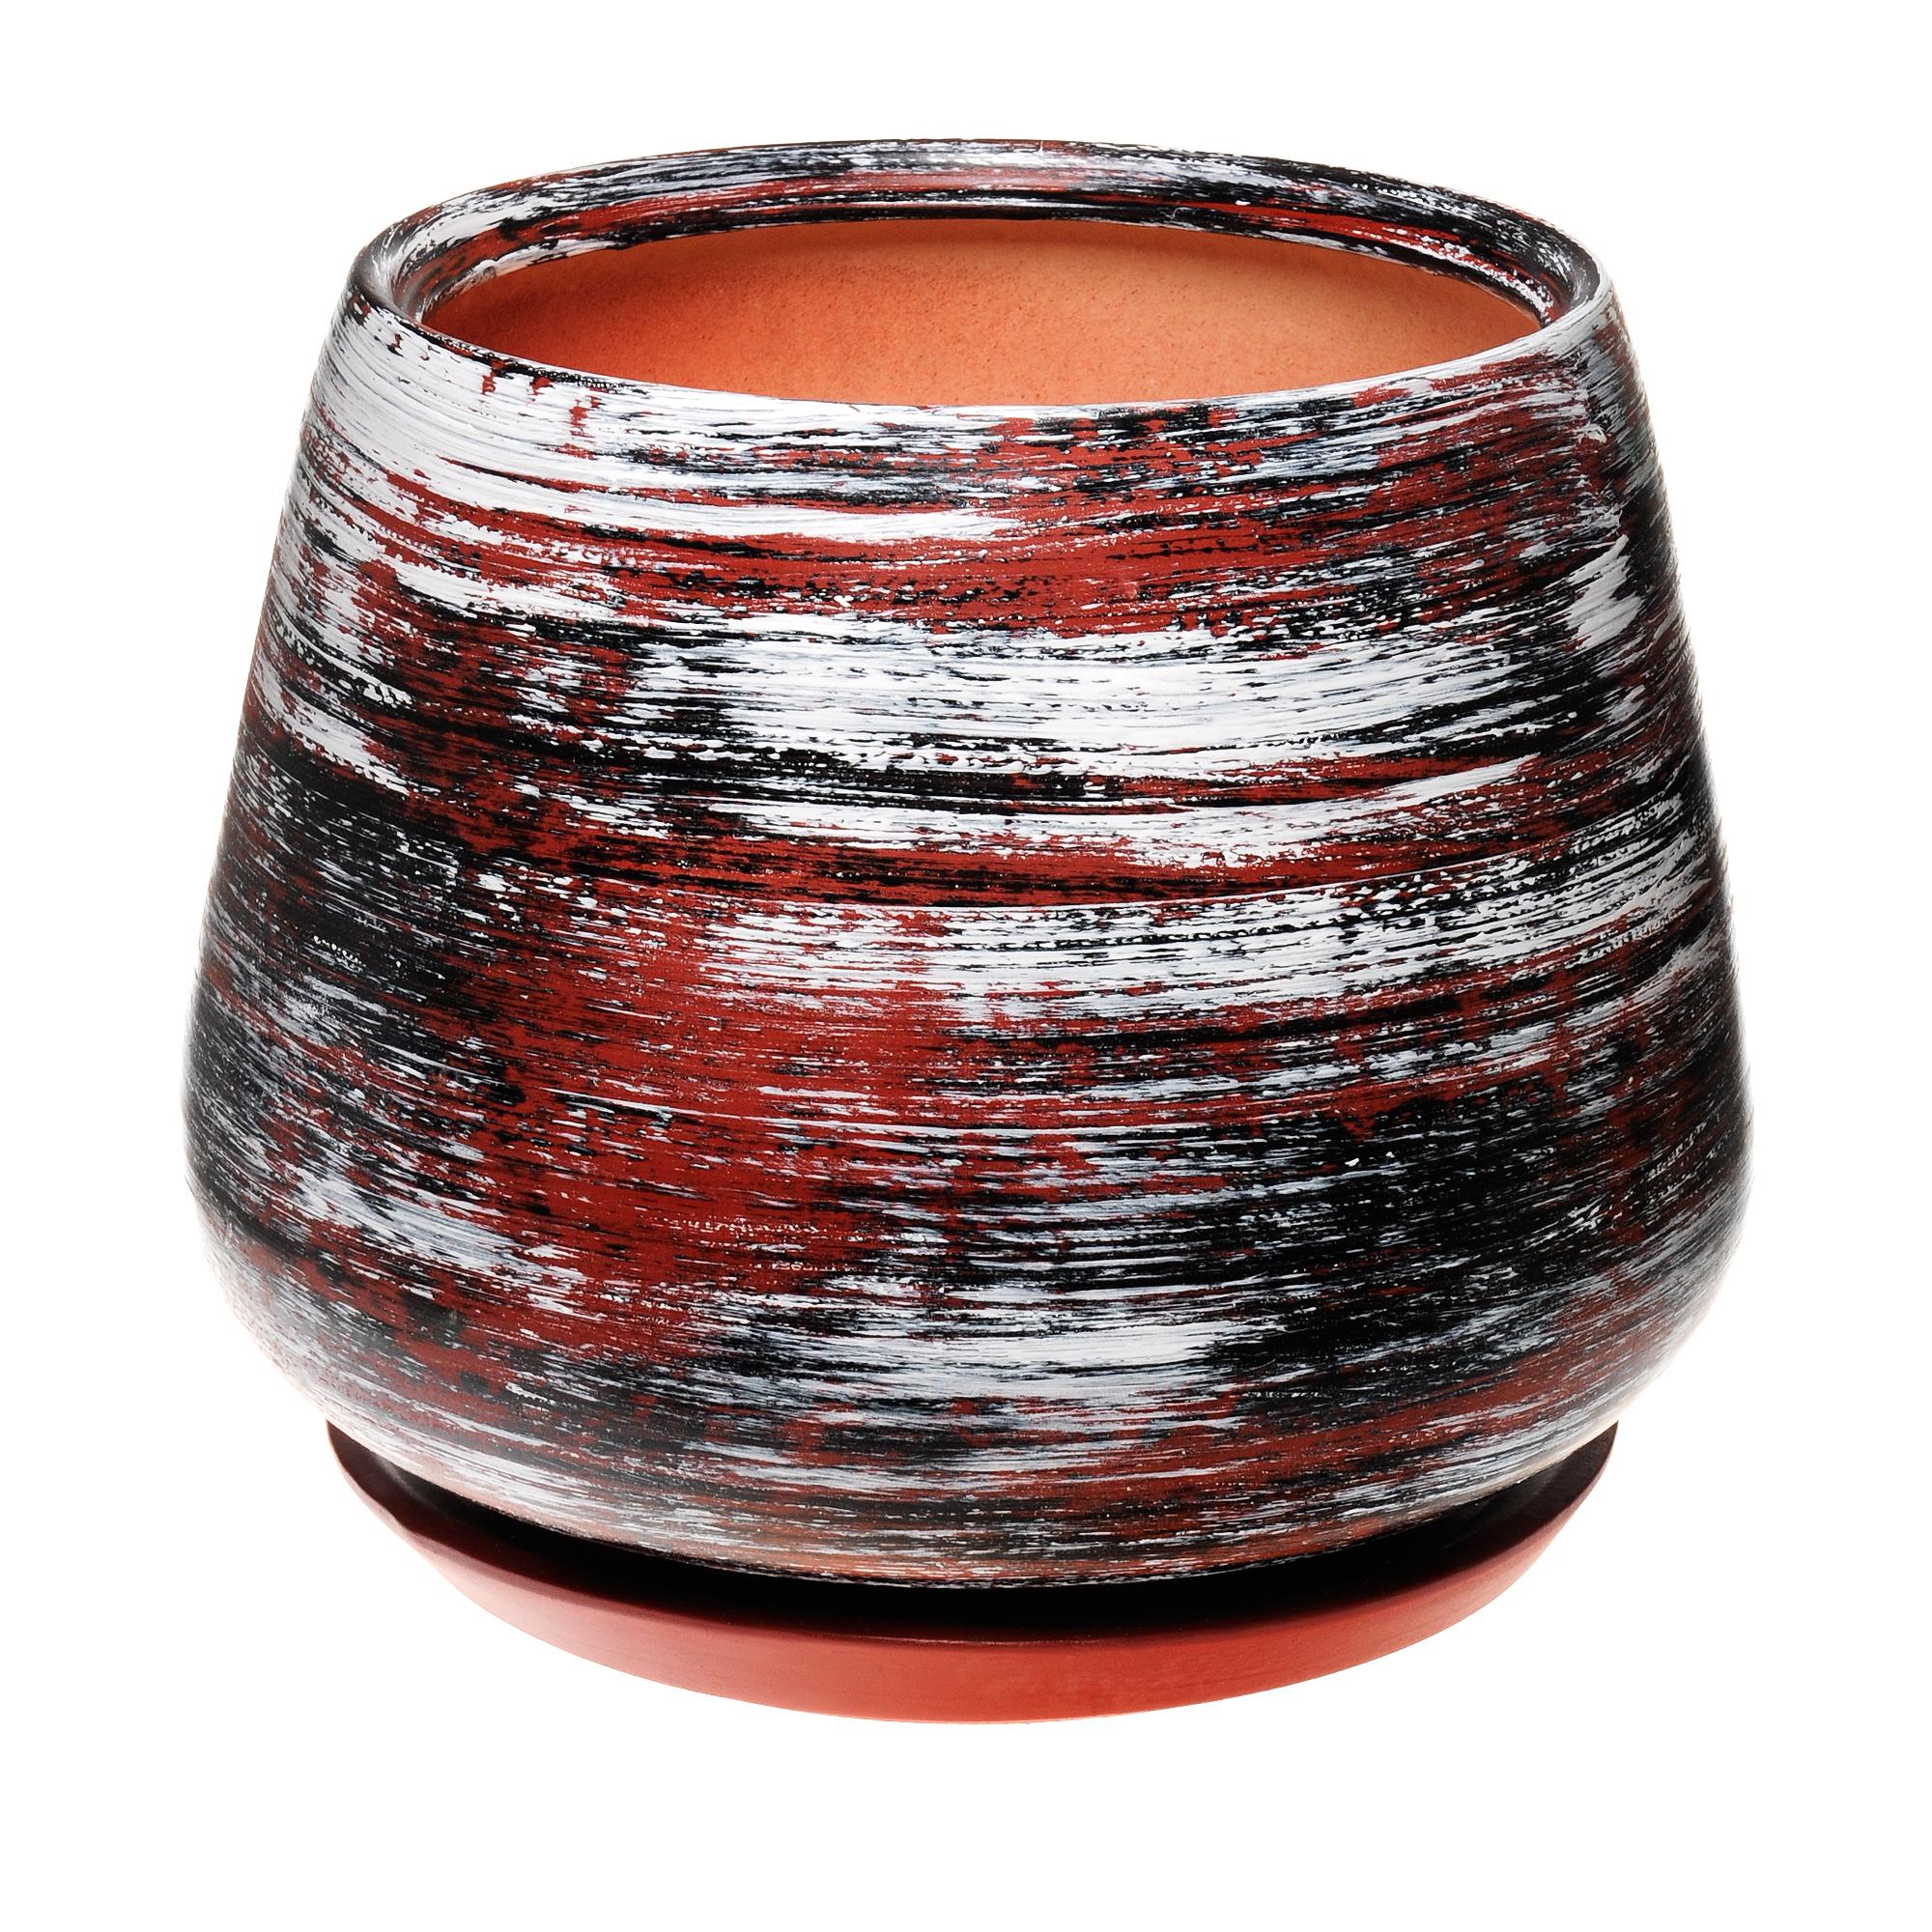 Горшок для цветов декоративный Гончар скарлет №2 коричневый полоска 19х22 см